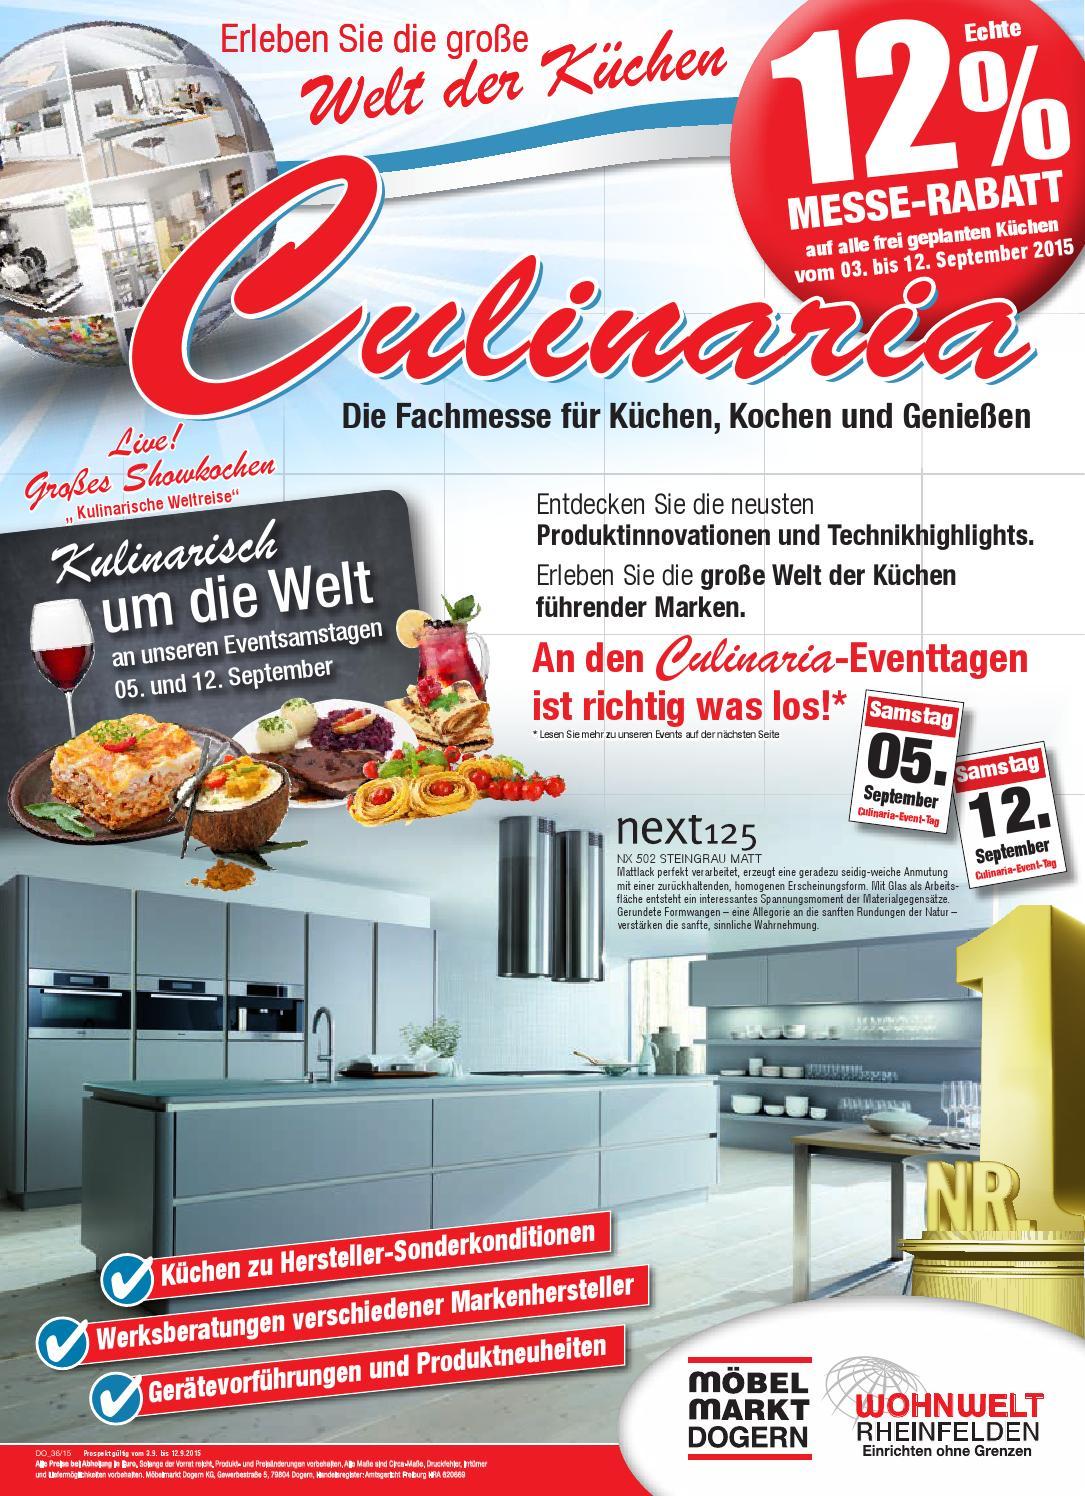 Culinaria Möbelmarkt Dogern By Az Eprospekte Issuu